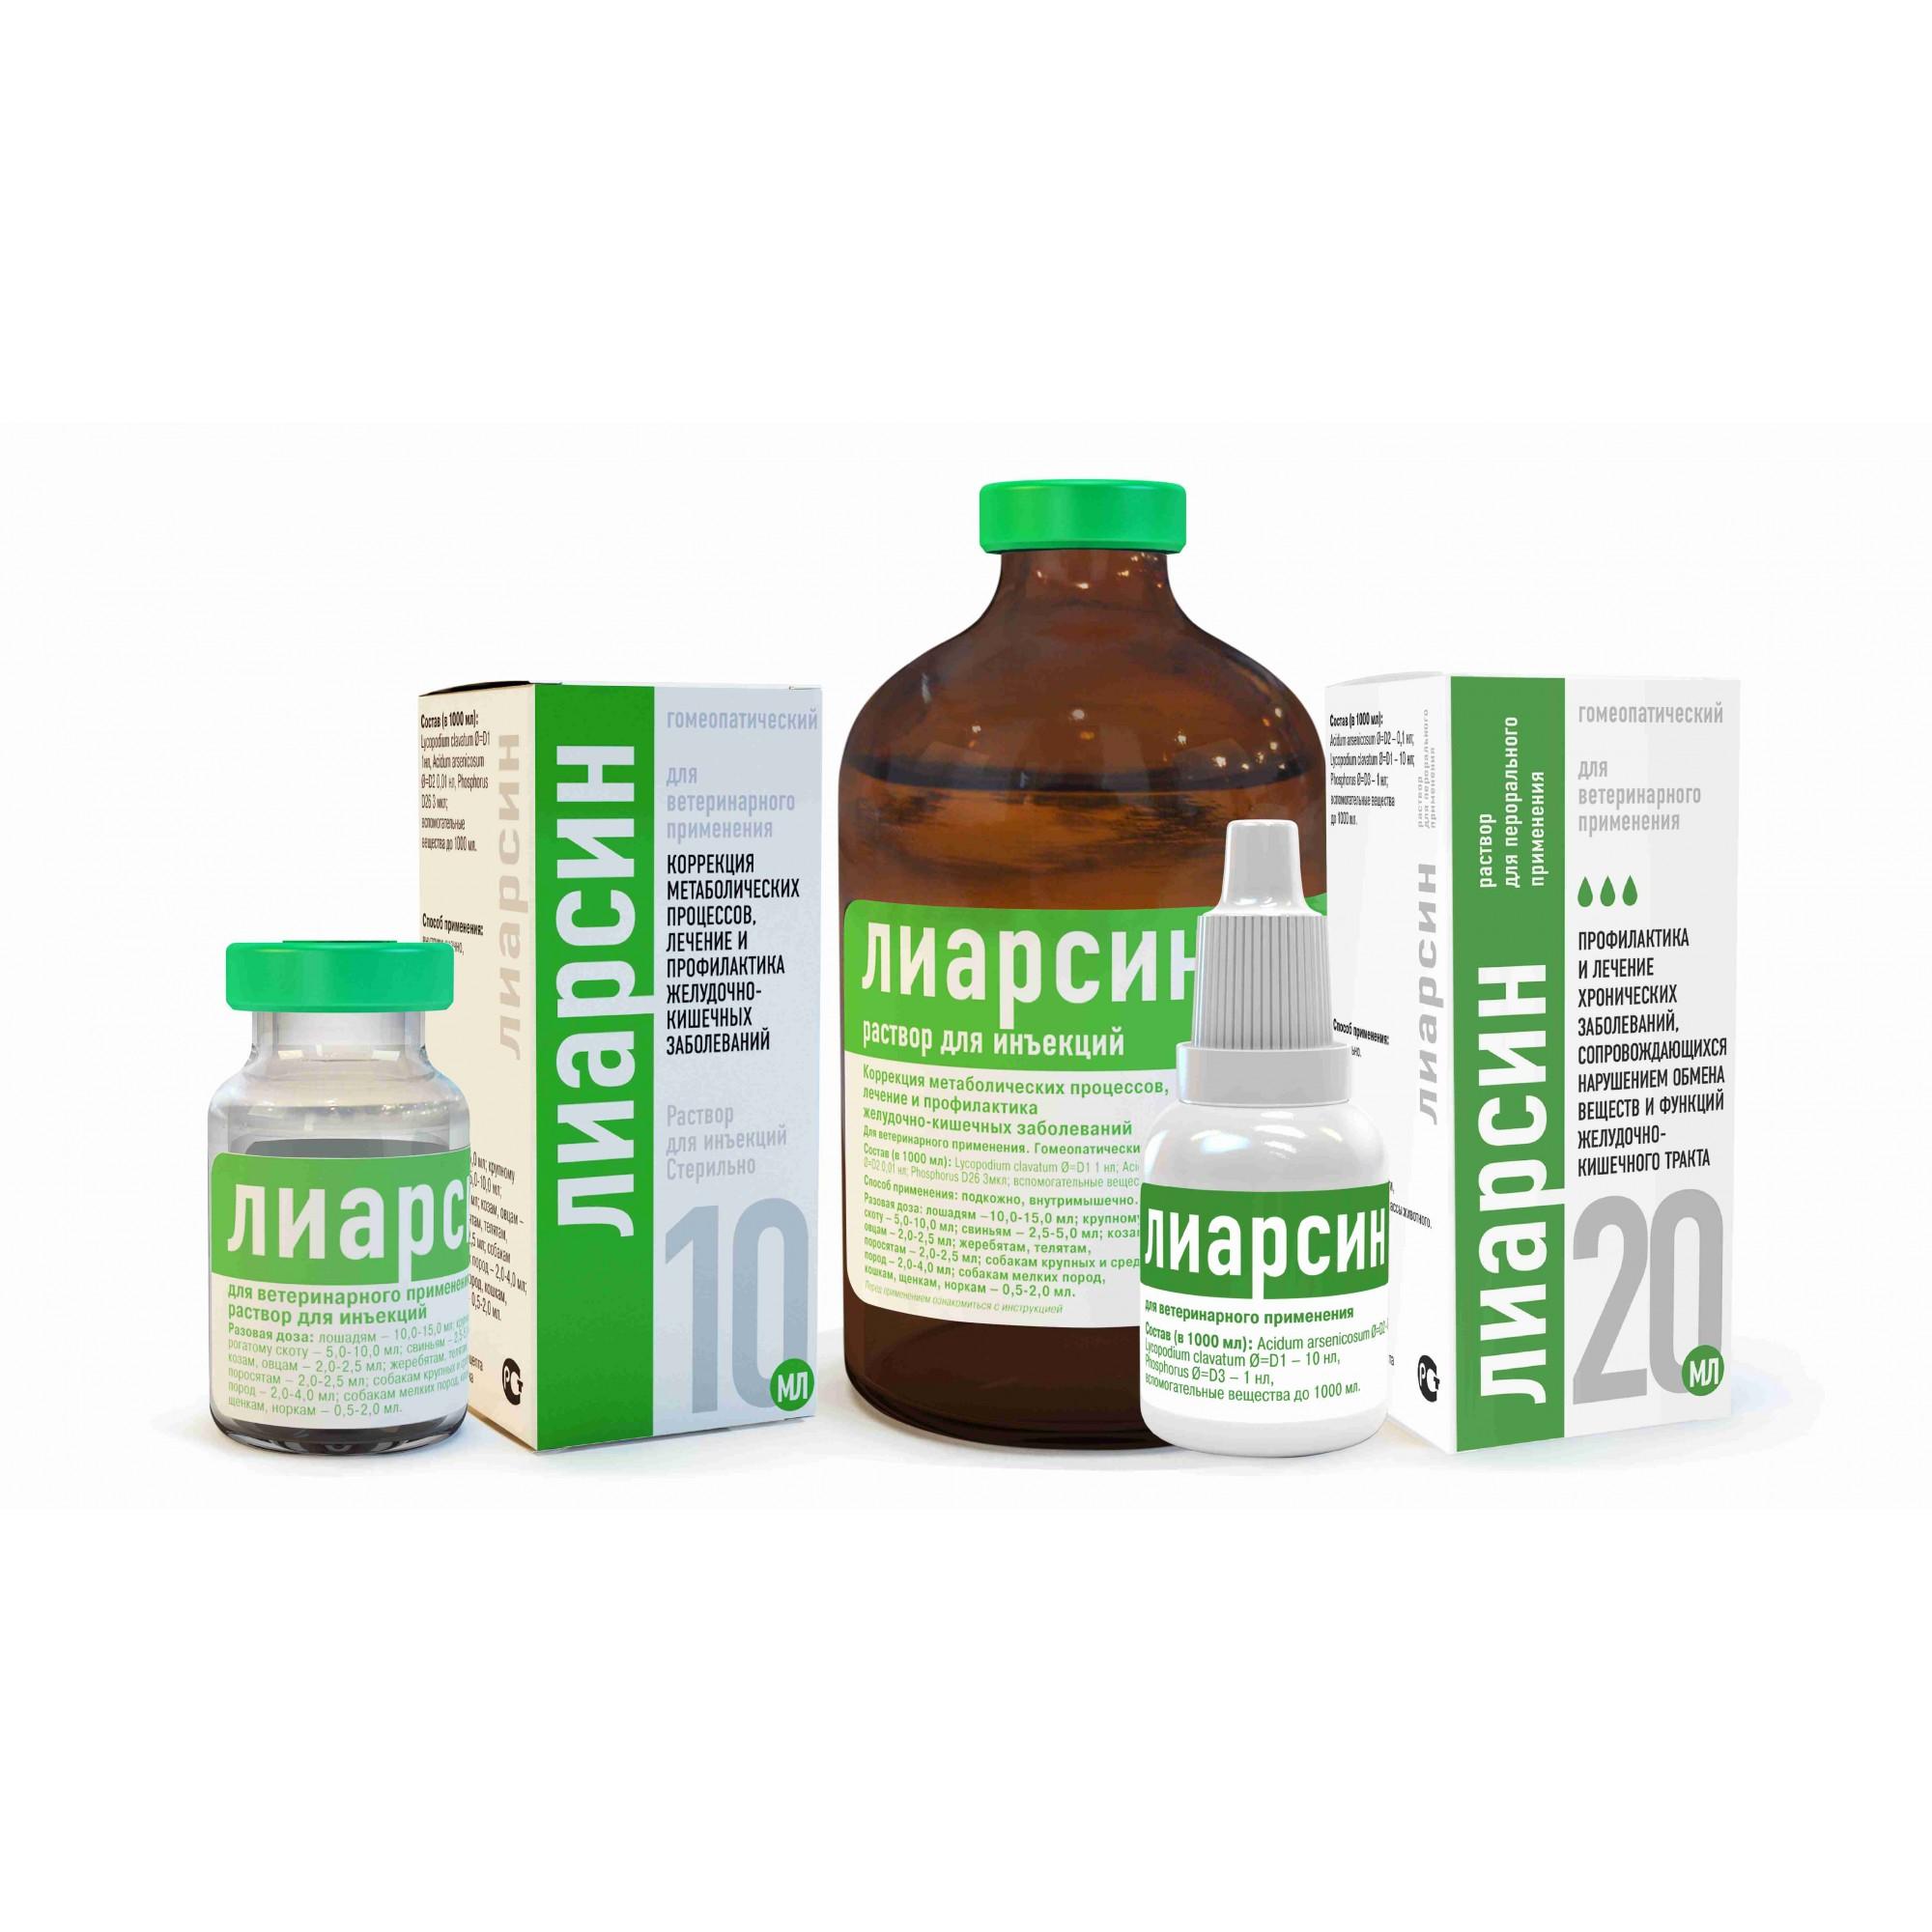 Лиарсин - препарат для коррекции обмена веществ. Гастроэнтеропротектор.